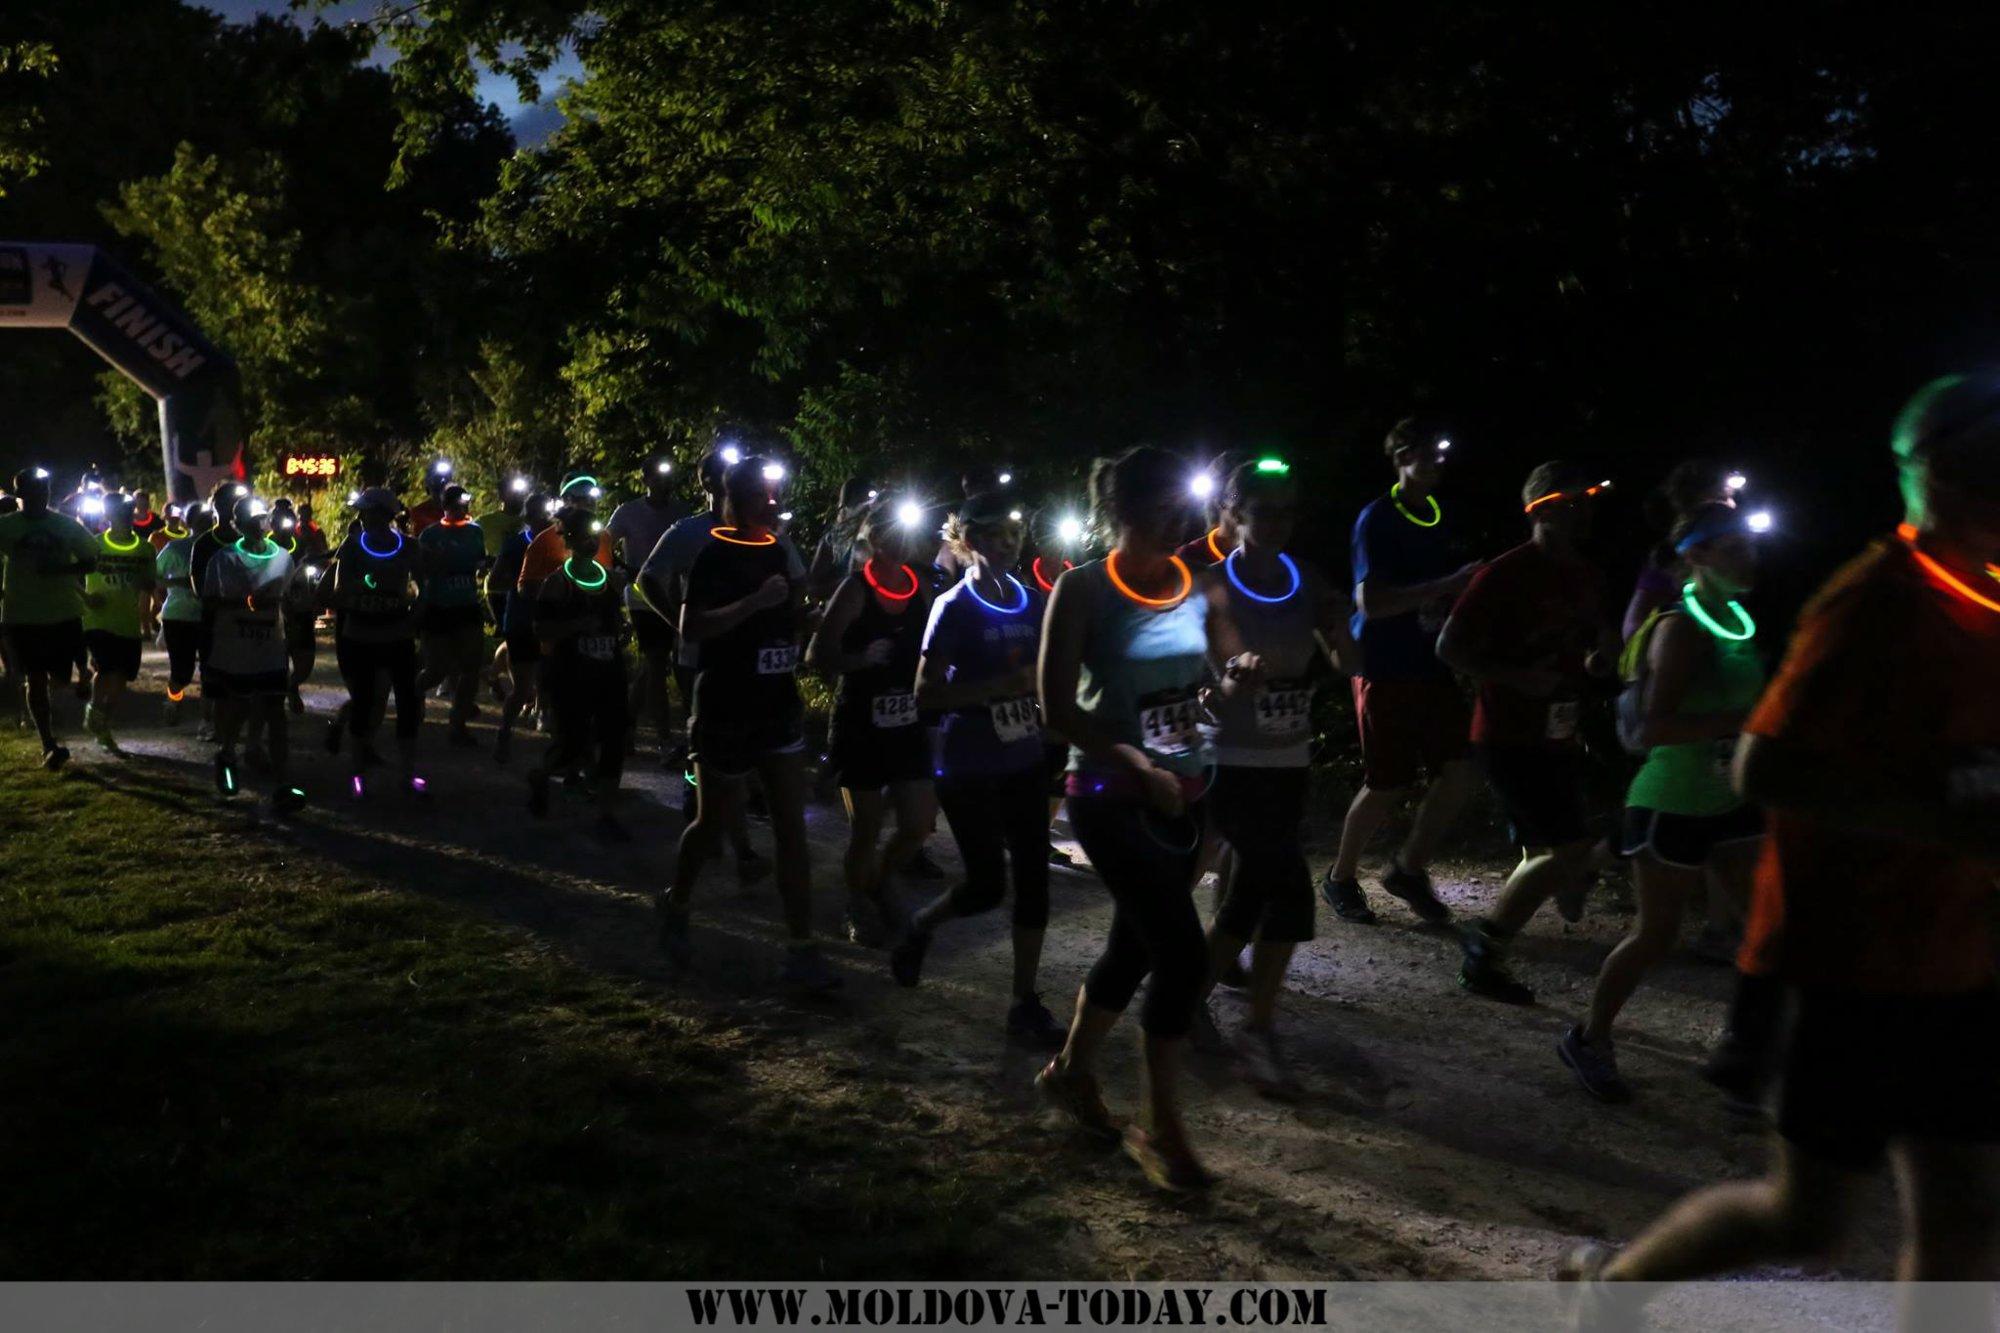 Нічний марафон-фест 2019: біжи та зустрічай світанок над Київським морем